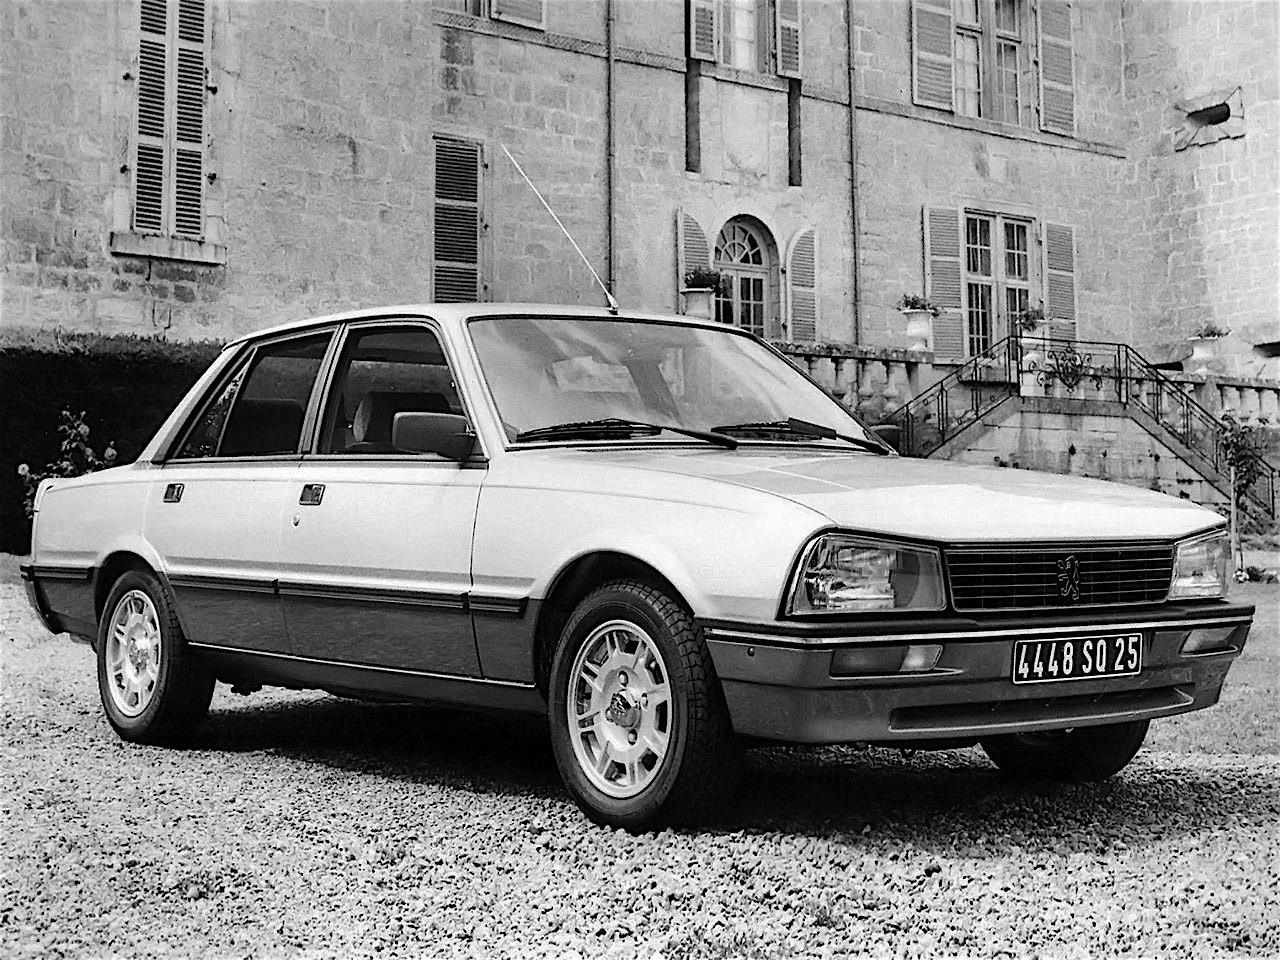 peugeot 505 specs photos 1979 1980 1981 1982 1983 1984 rh autoevolution com Peugeot 605 Peugeot 607